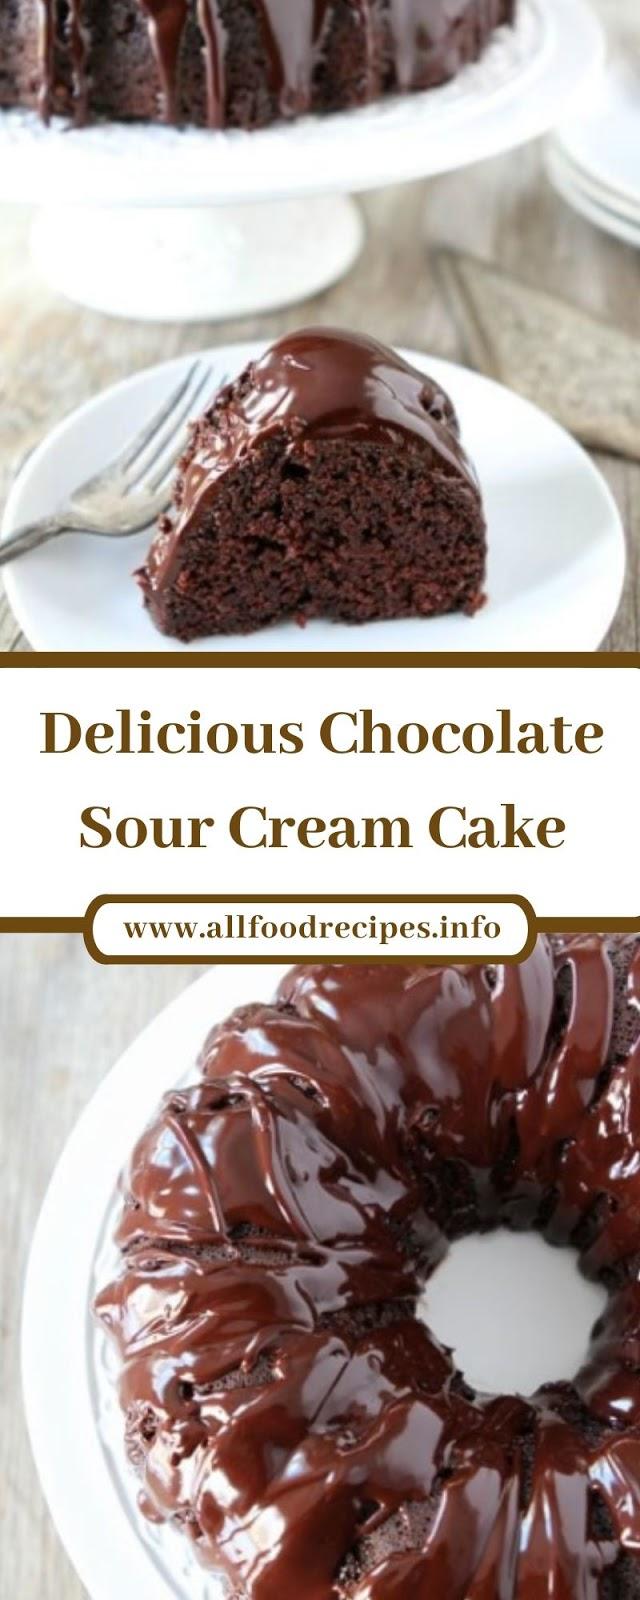 Delicious Chocolate Sour Cream Cake